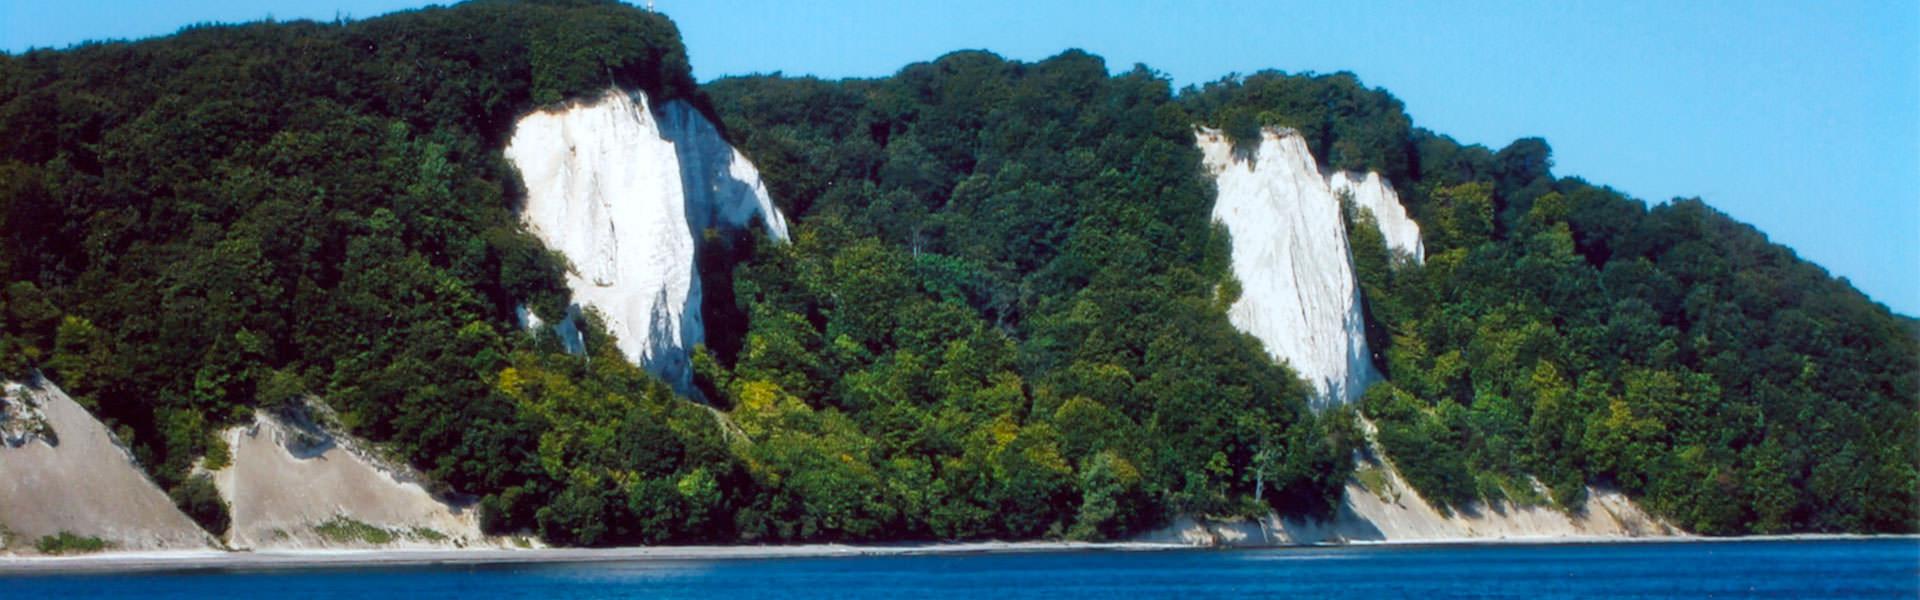 Koenigsstul und Kreidefelsen Ausblick von Seeseite